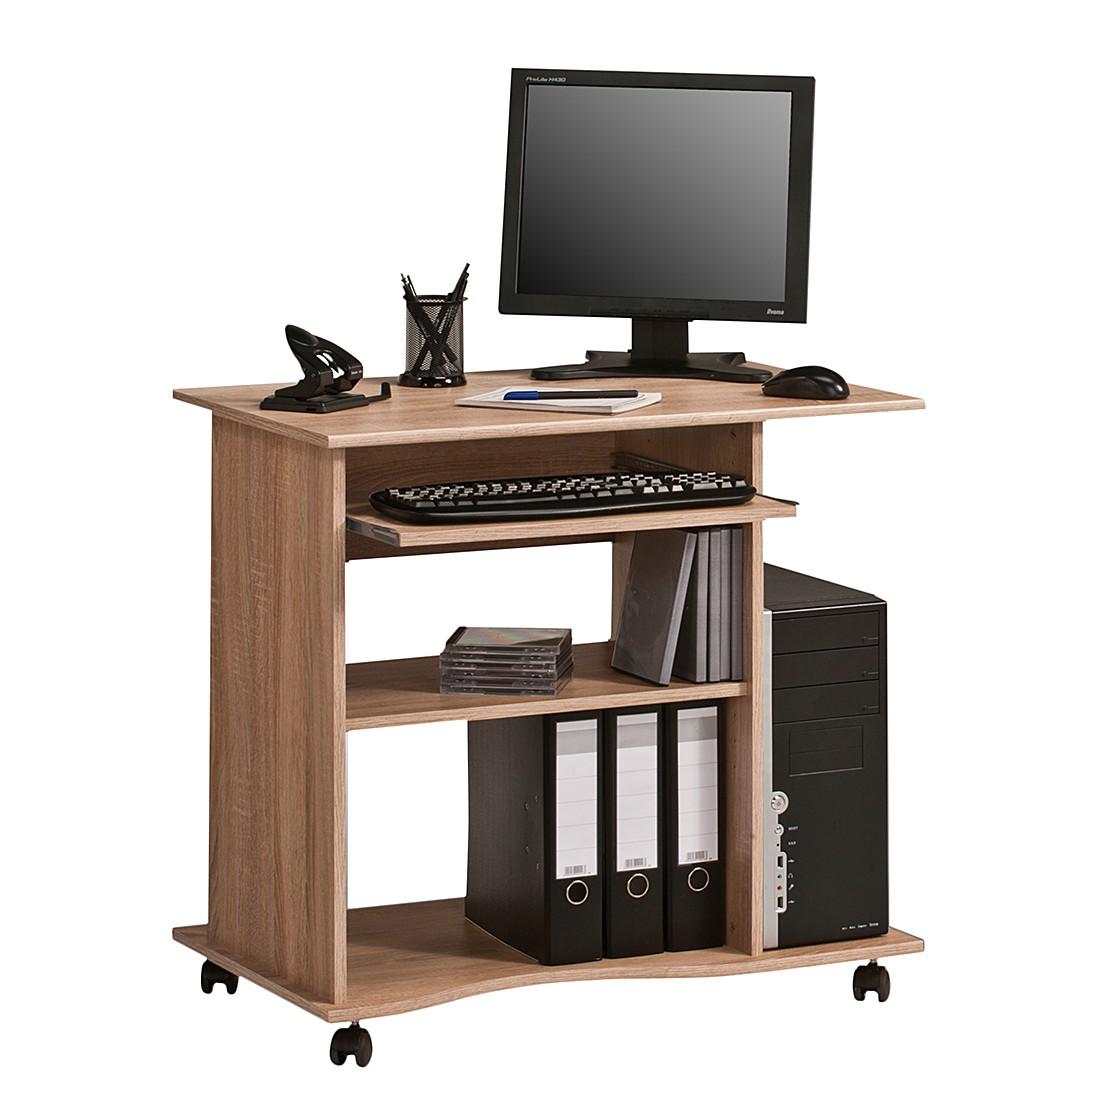 computertisch ene sonoma eiche dekor maja m bel online kaufen. Black Bedroom Furniture Sets. Home Design Ideas